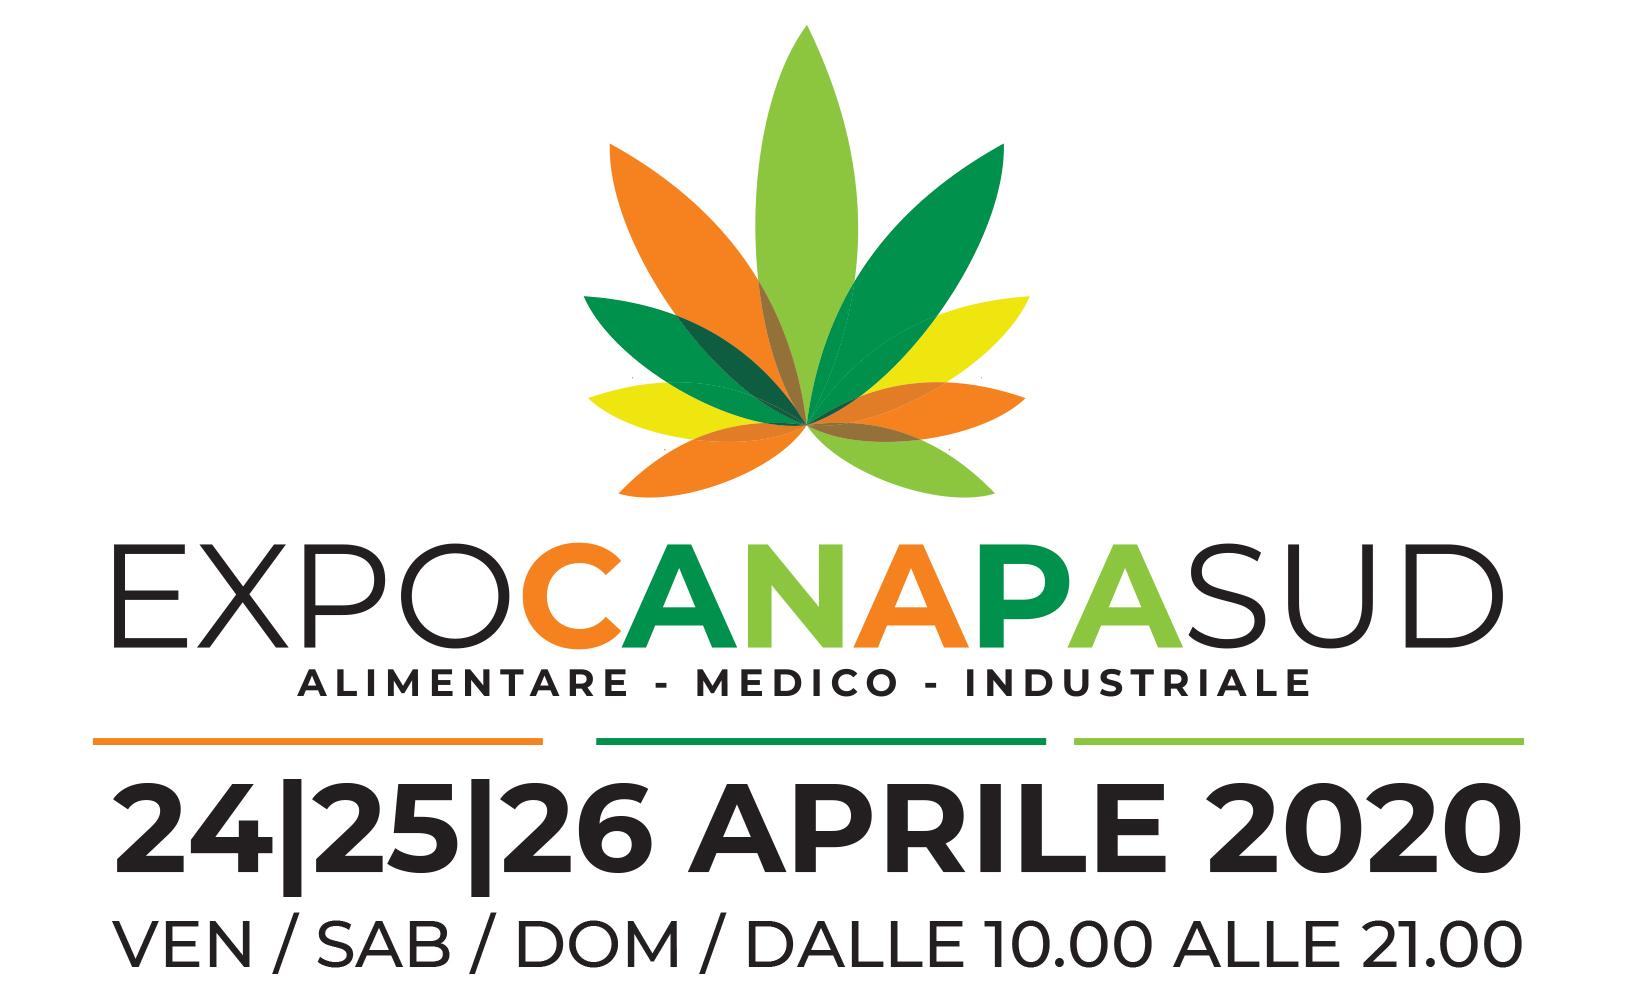 Expo Canapa Sud 2020